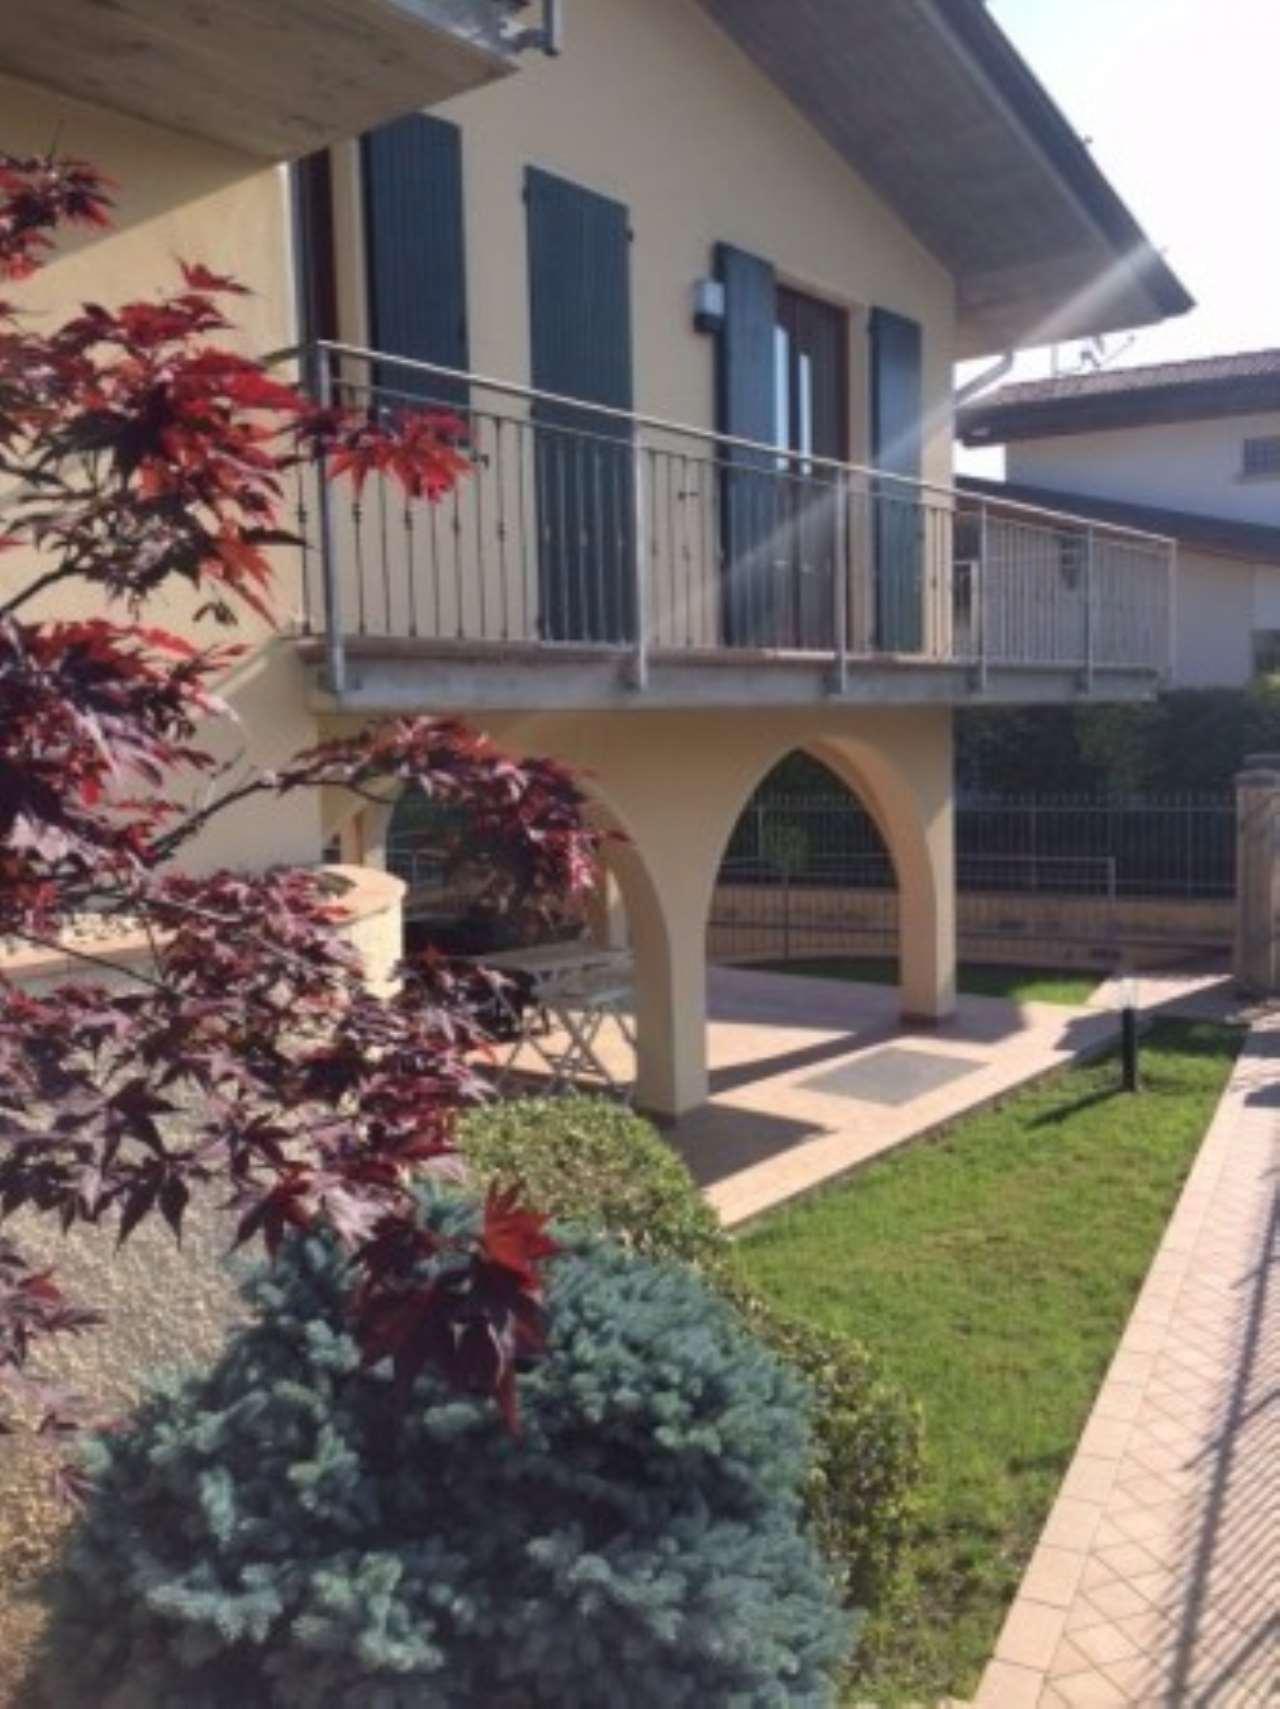 Villa in vendita a Gavardo, 6 locali, prezzo € 490.000 | CambioCasa.it